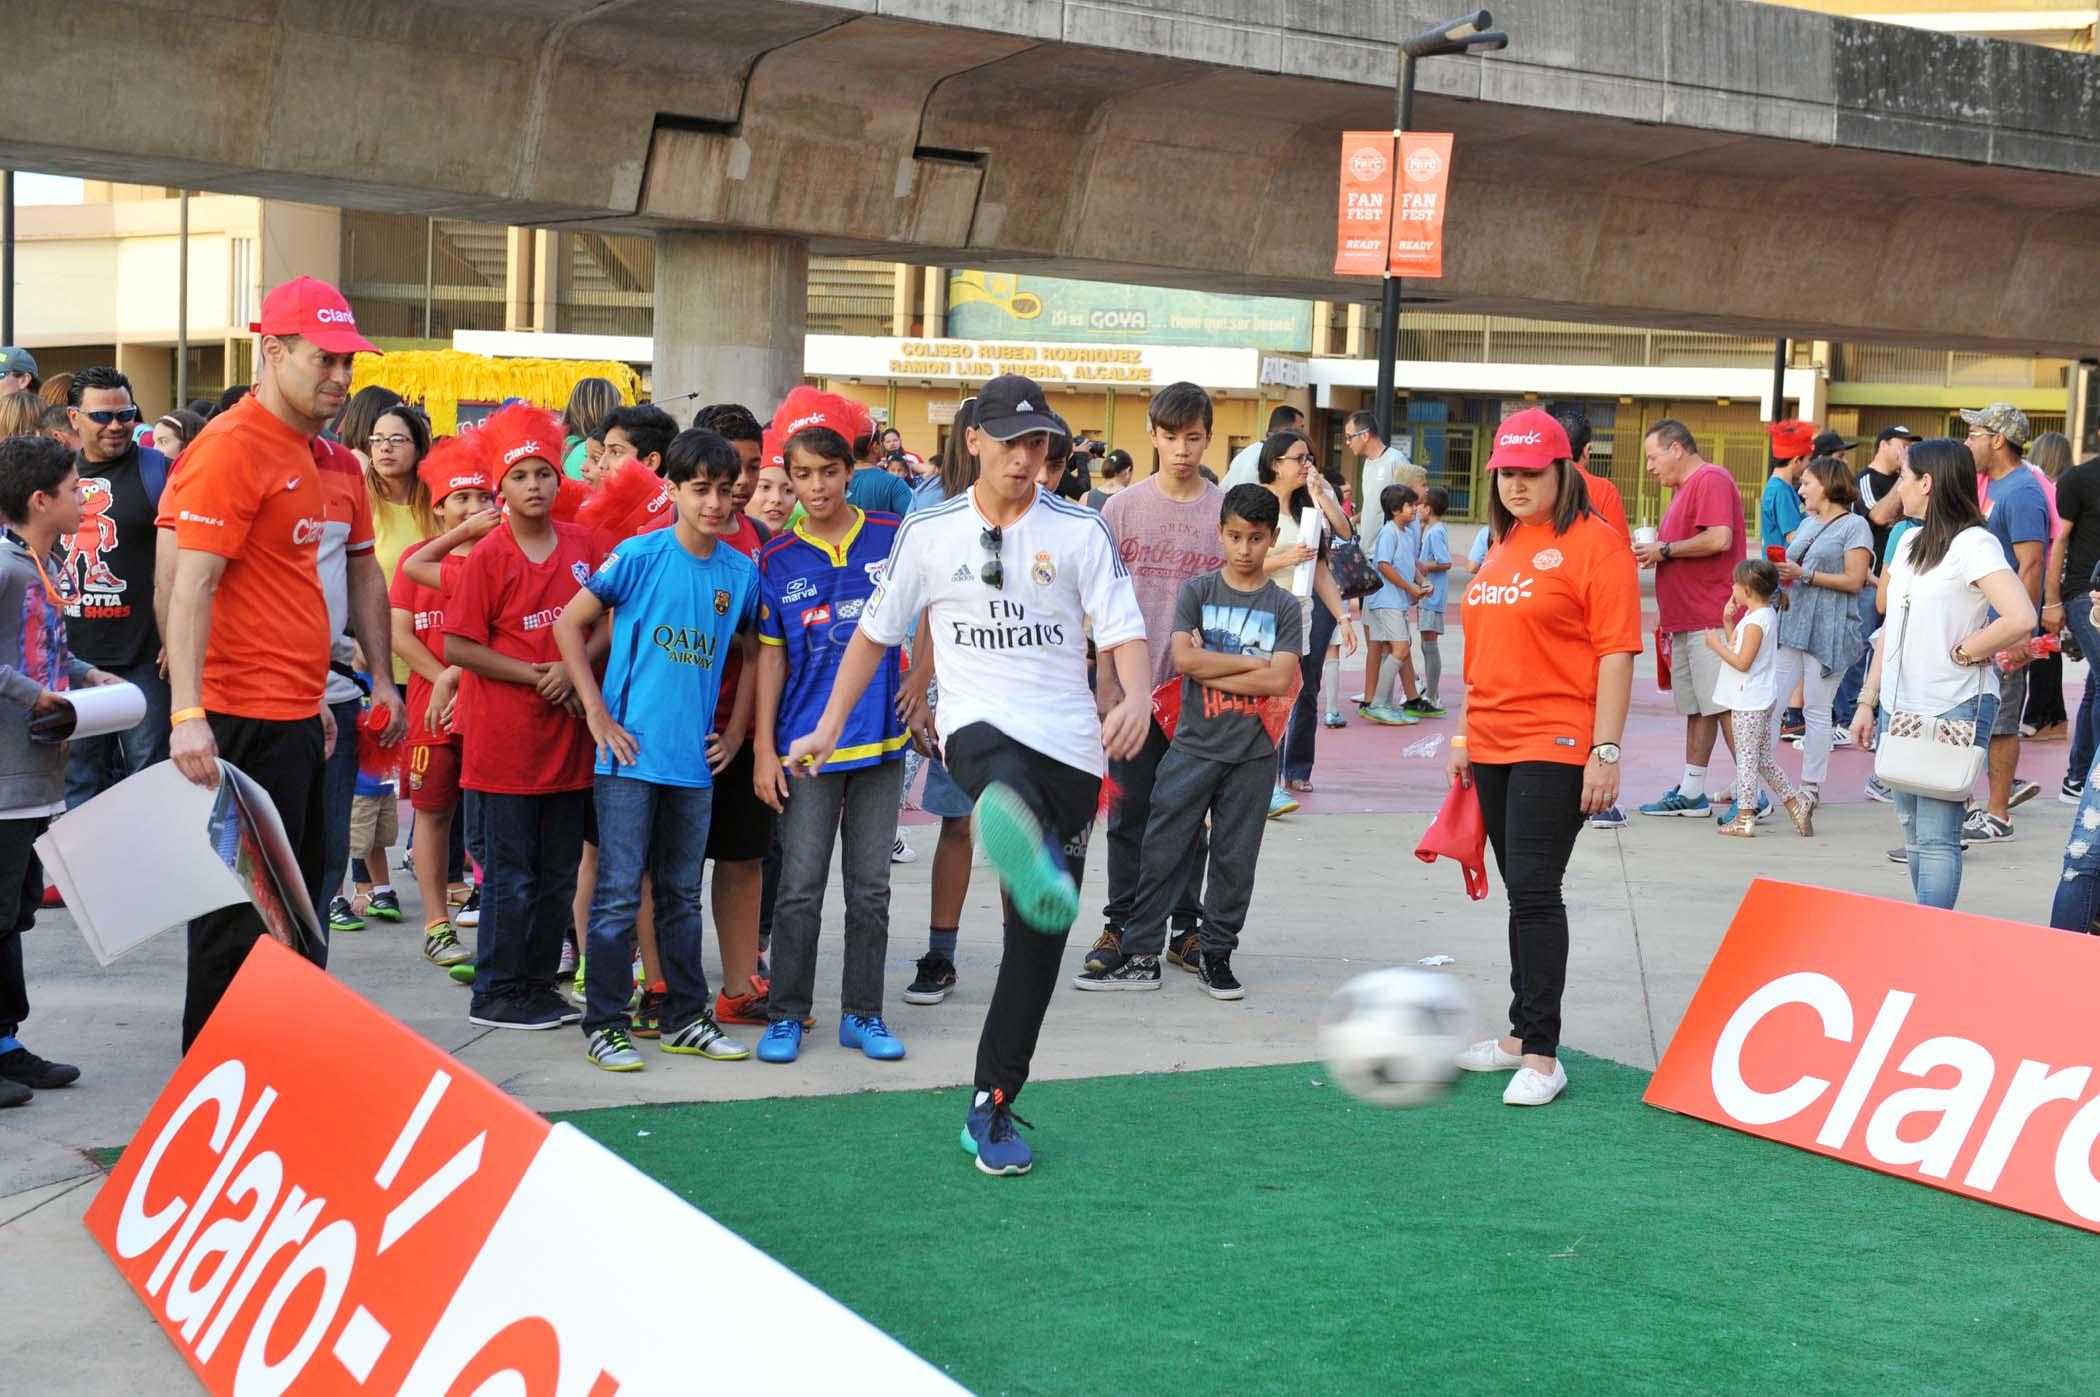 Espectadores participados de los juegos en las afueras del Estadio